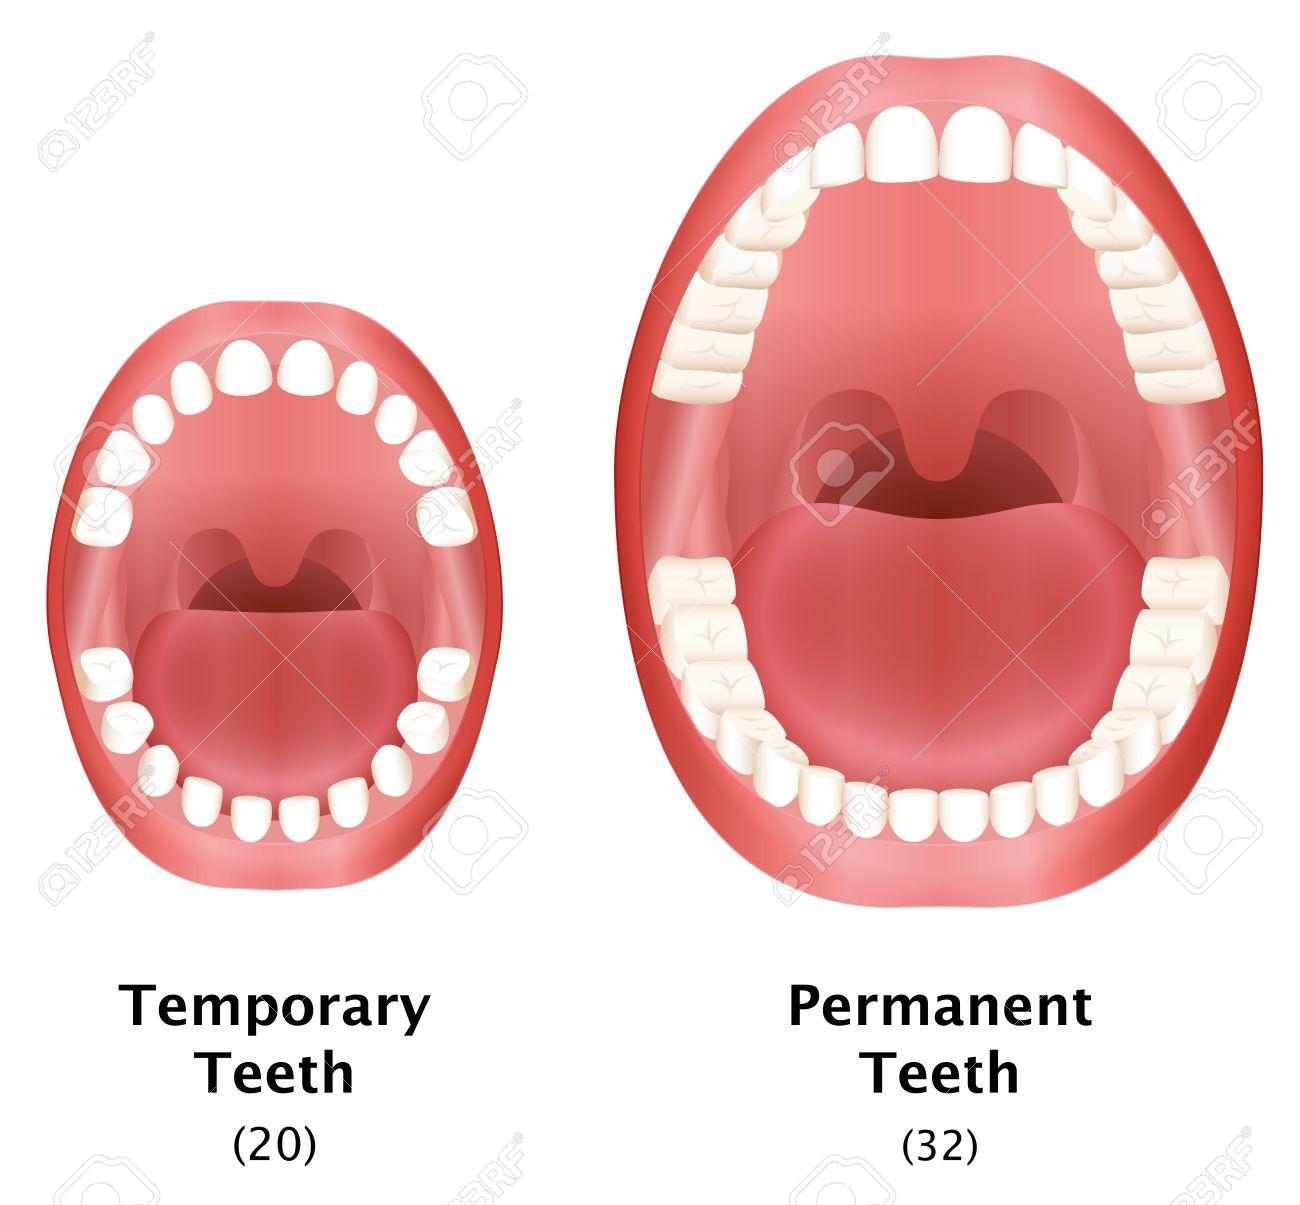 Vergleich Der Milchzähne Eines Kindes Und Bleibenden Zähne Eines ...